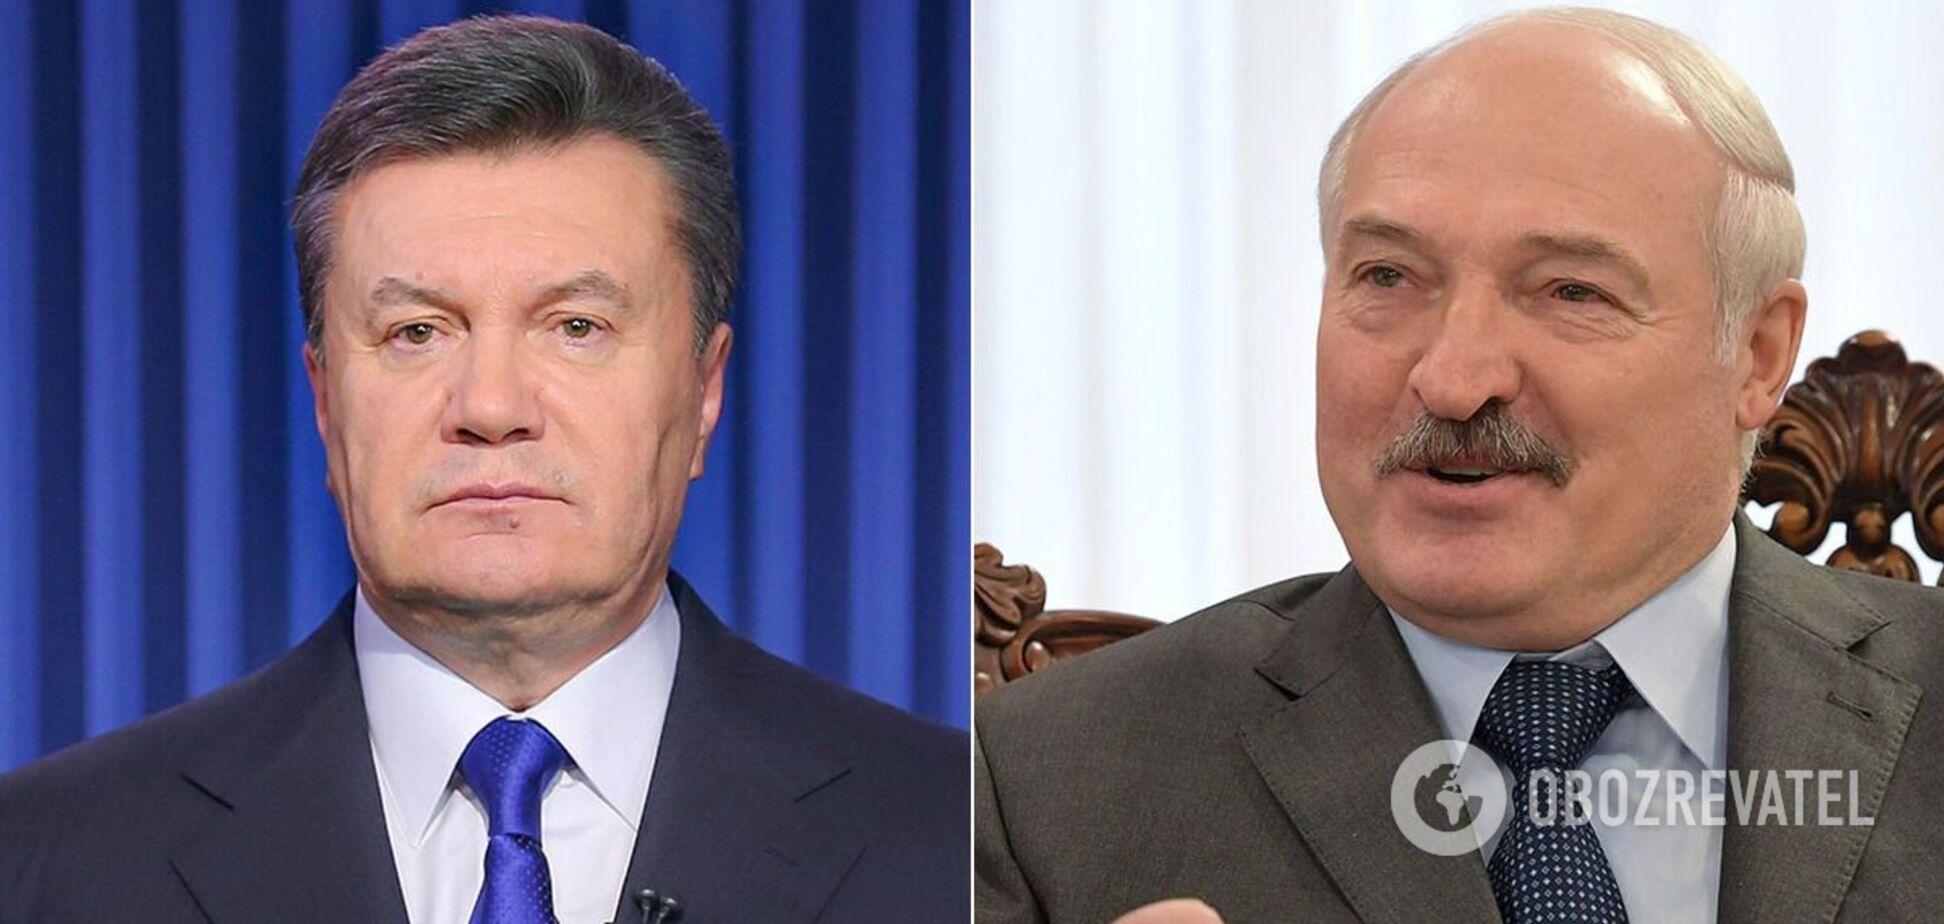 Віктор Янукович і Олександр Лукашенко